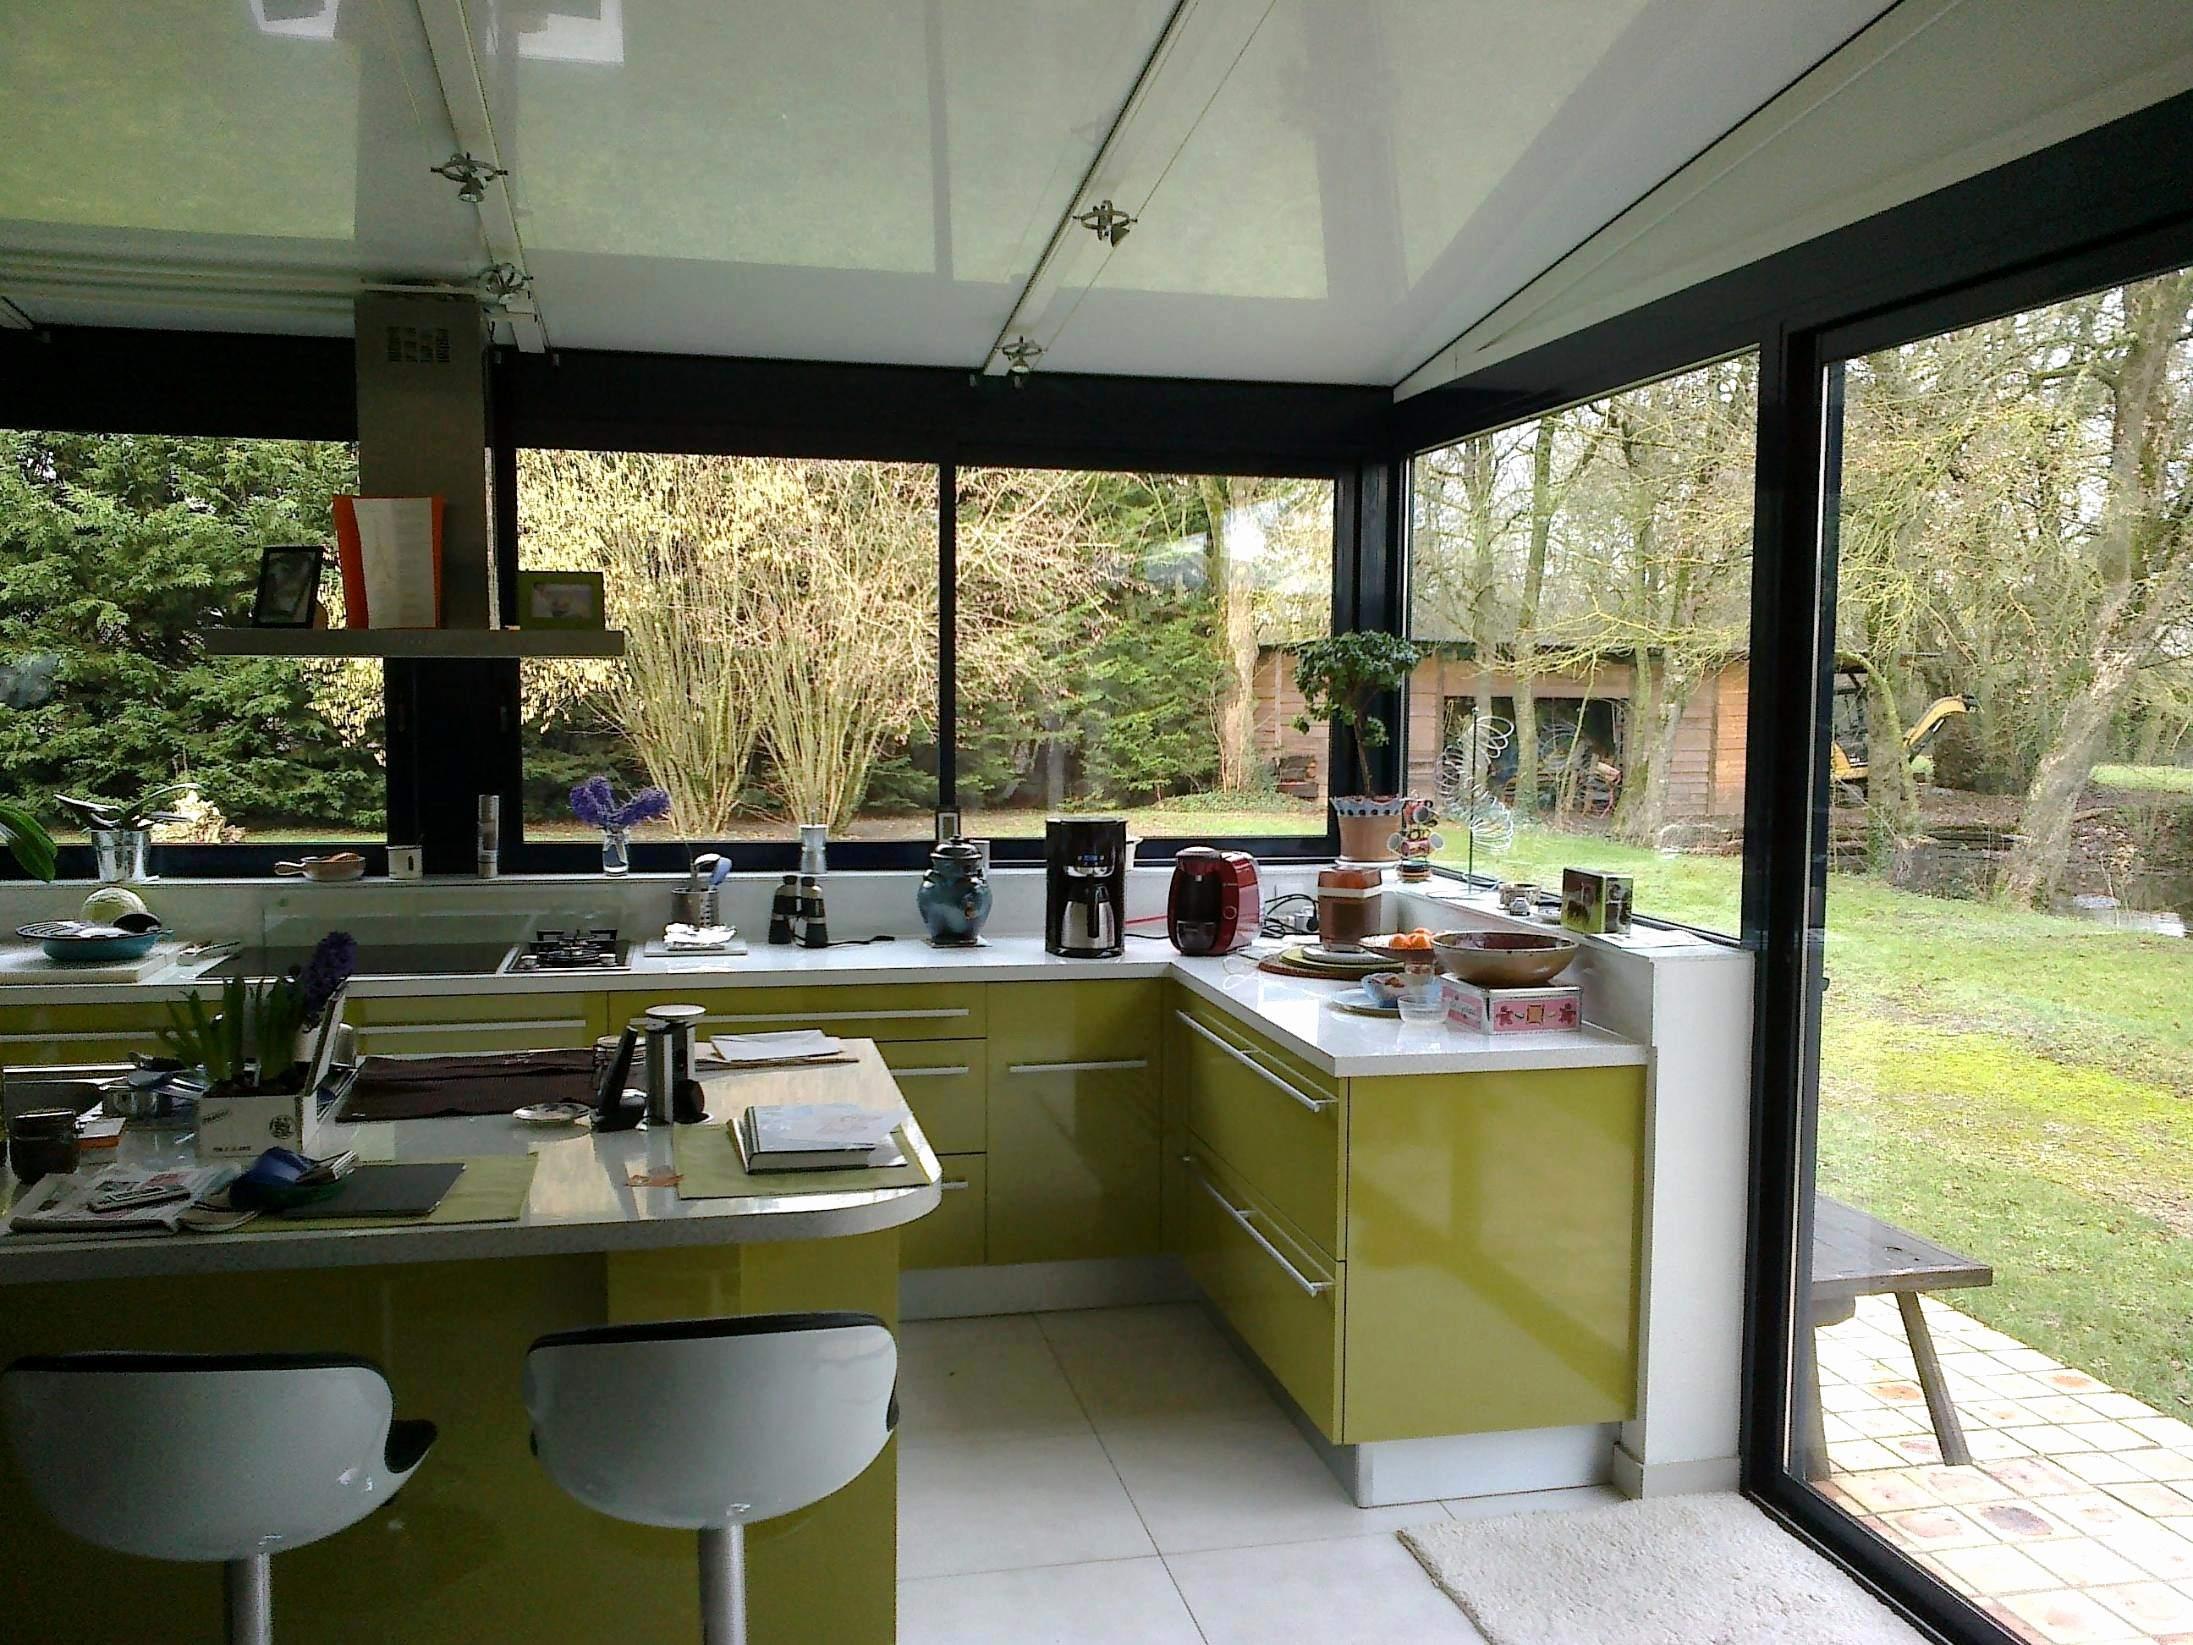 Jeu Gratuit Kookai Papillon Frais Stock 16 Beau Jeux Gratuit Cuisine Galerie De Cuisine Jardin Galerie